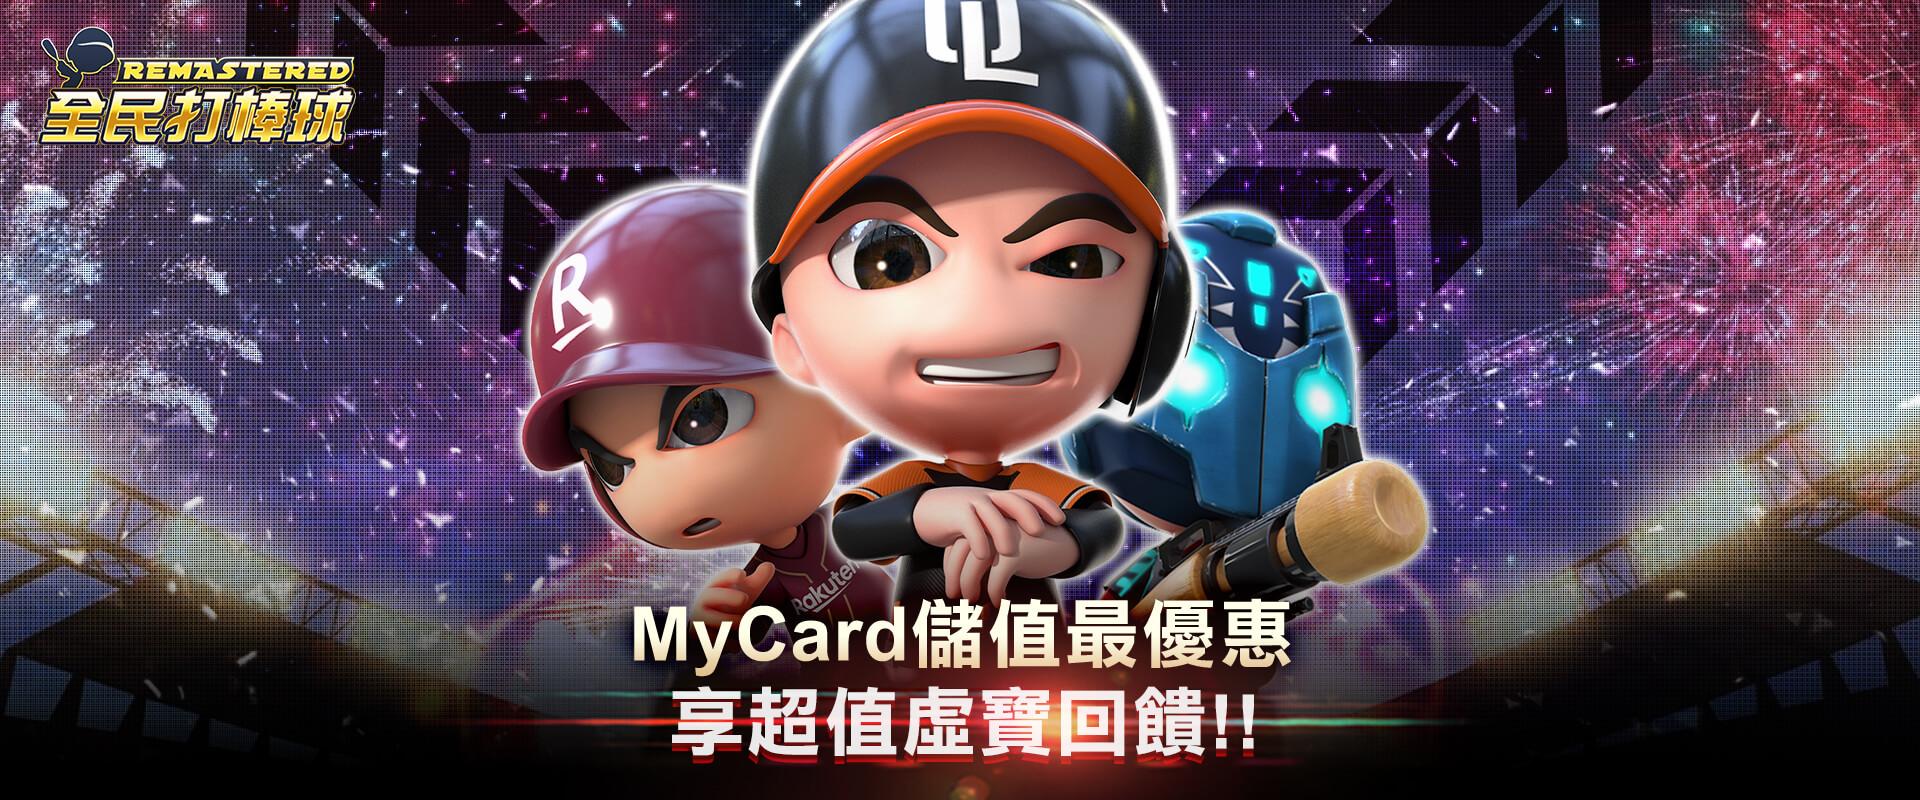 《全民打棒球REMASTERED》MyCard儲值享超值好禮回饋